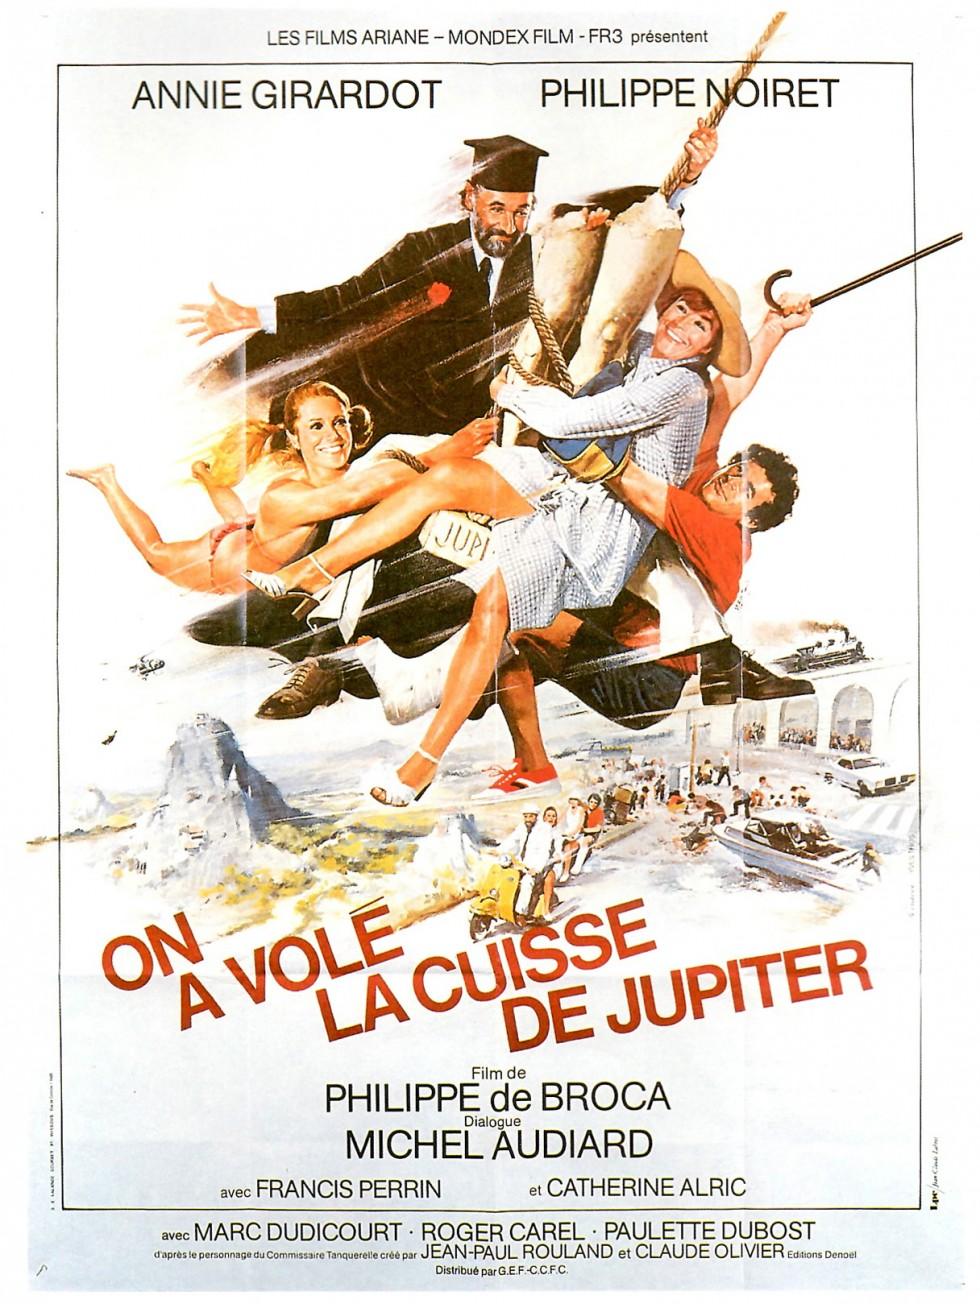 Affiche du film On a volé la cuisse de Jupiter de Philippe de Broca avec Philippe Noiret